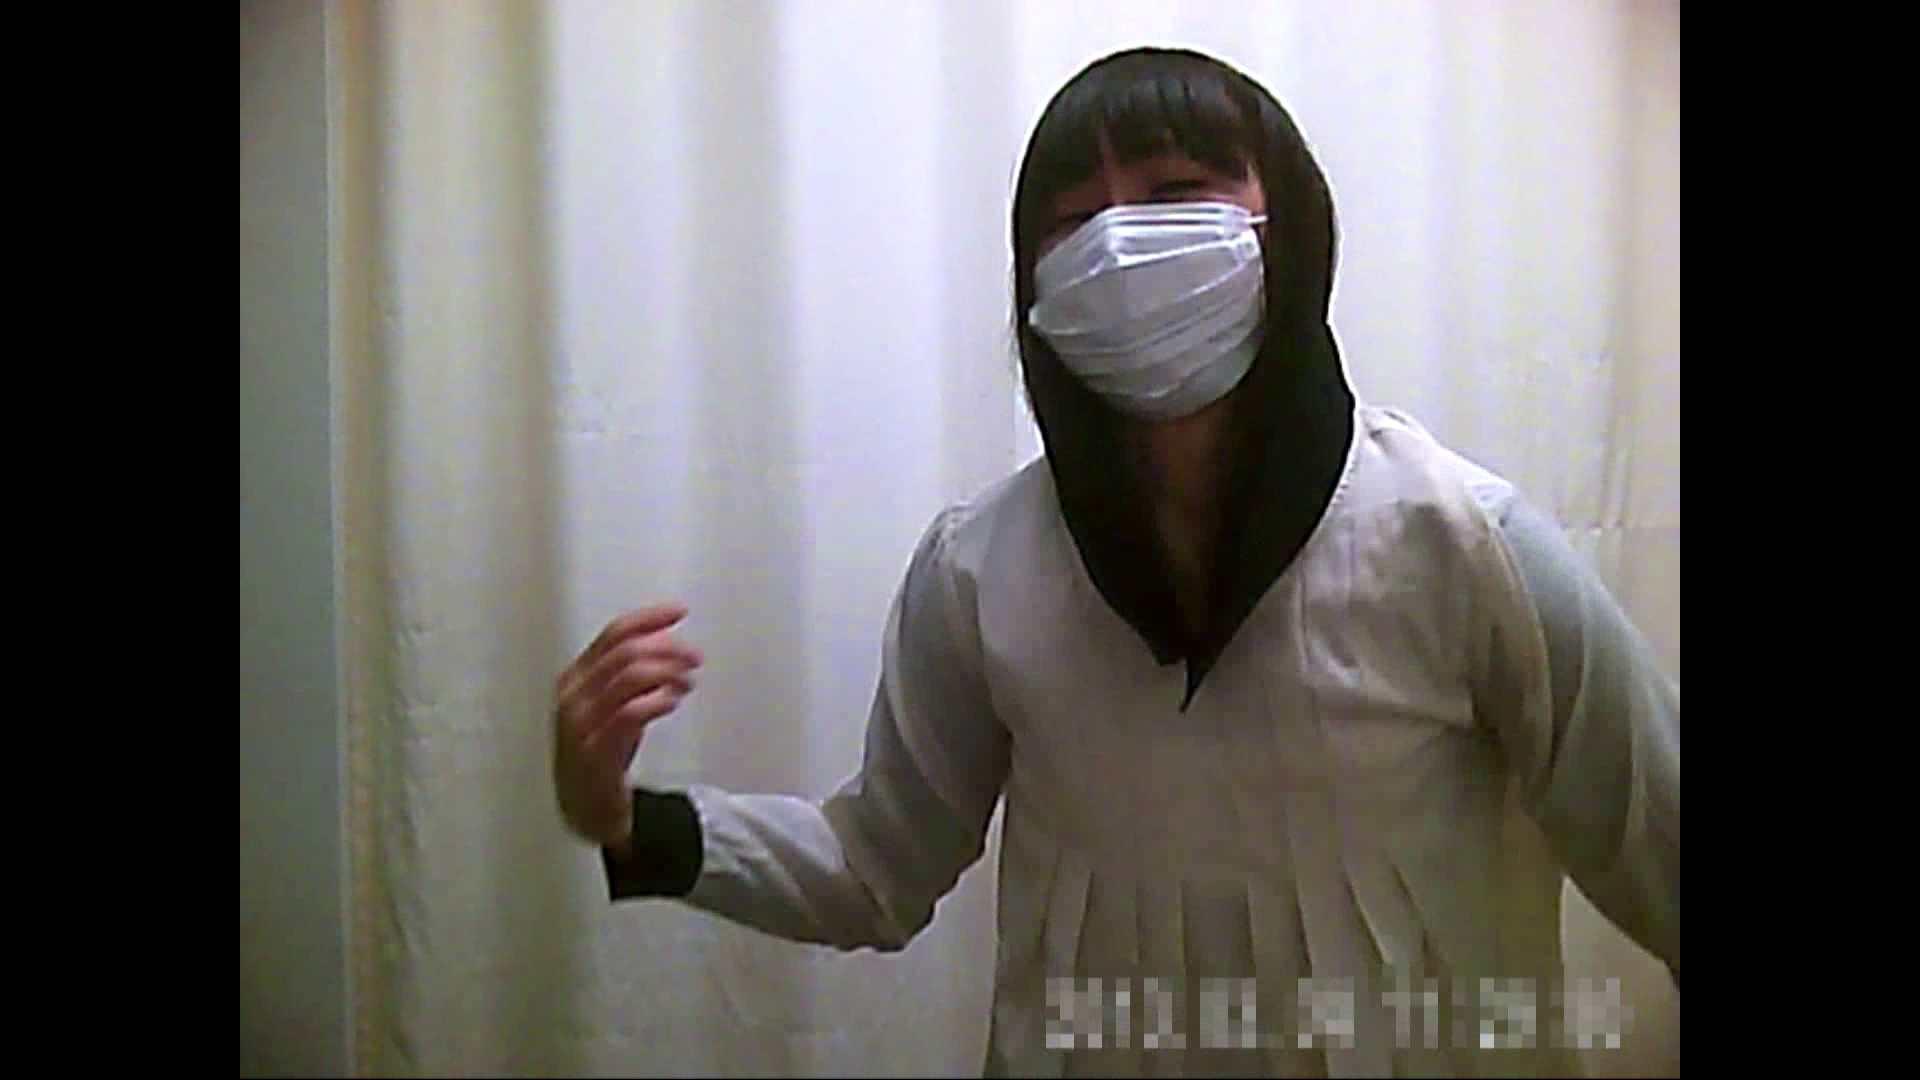 元医者による反抗 更衣室地獄絵巻 vol.103 OLハメ撮り  89Pix 21